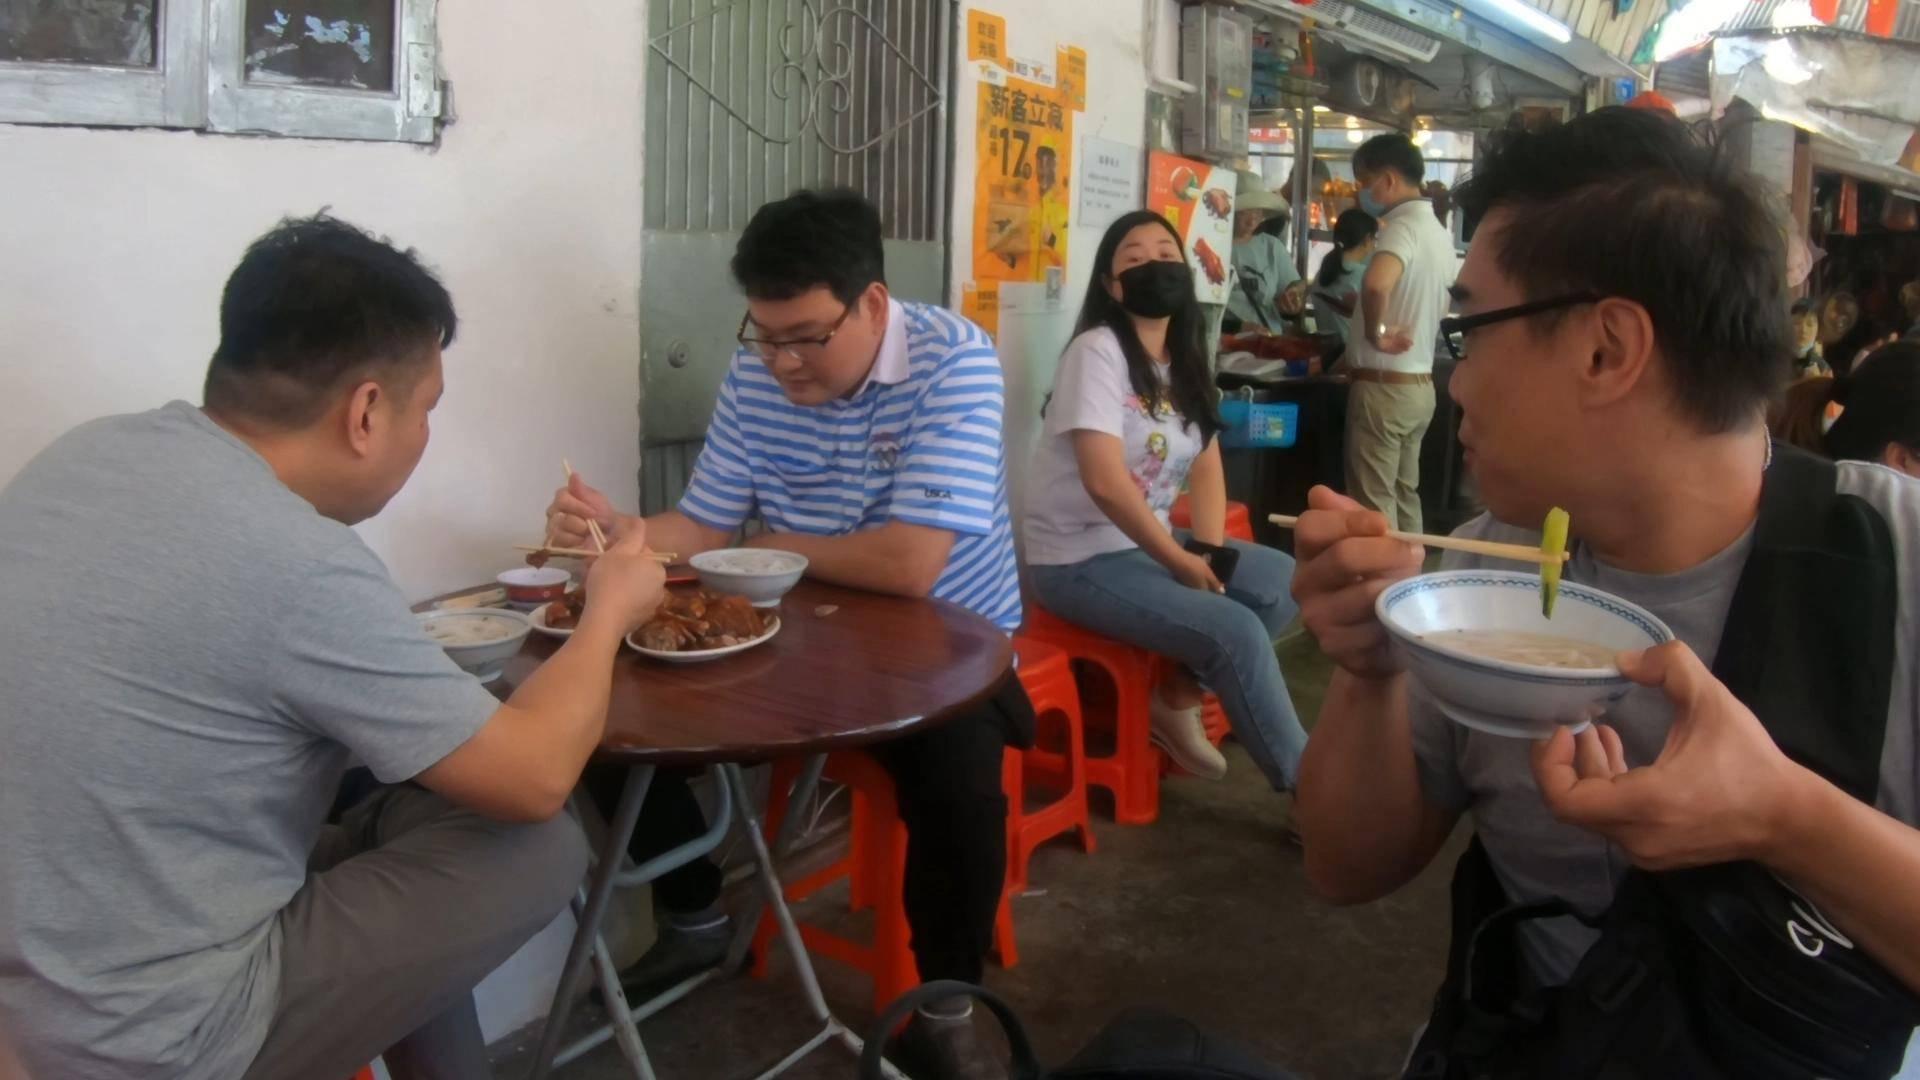 莞城开了40年的老字号餐馆,据说半数东莞人都吃过他们家的烧鹅濑!